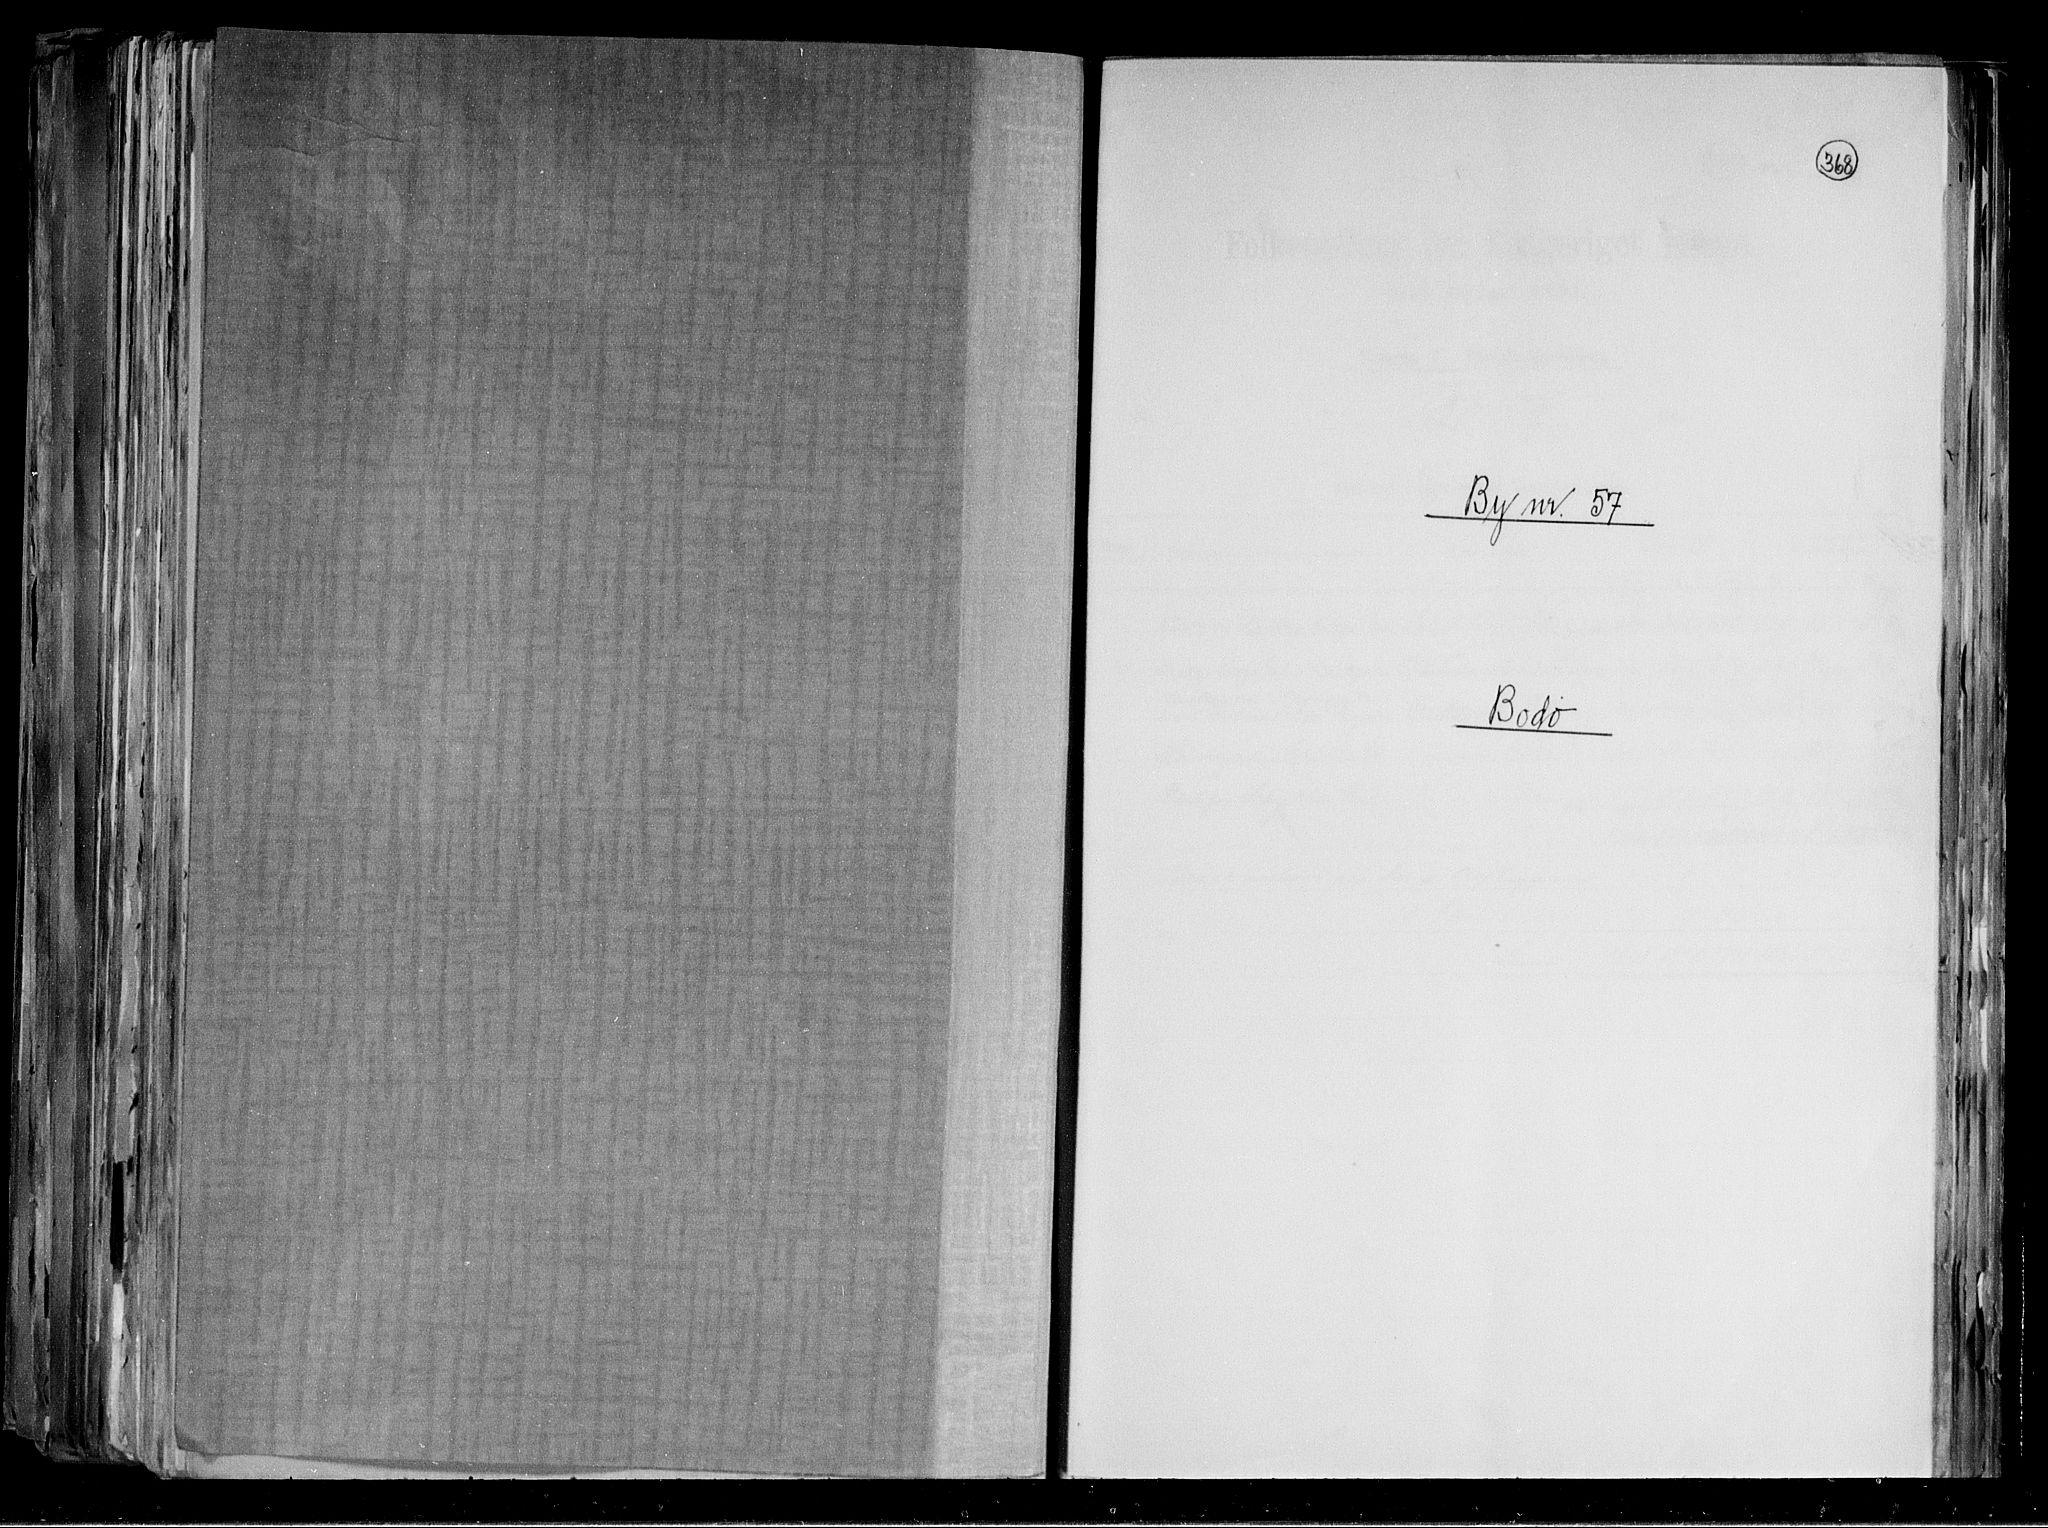 RA, Folketelling 1891 for 1804 Bodø kjøpstad, 1891, s. 1